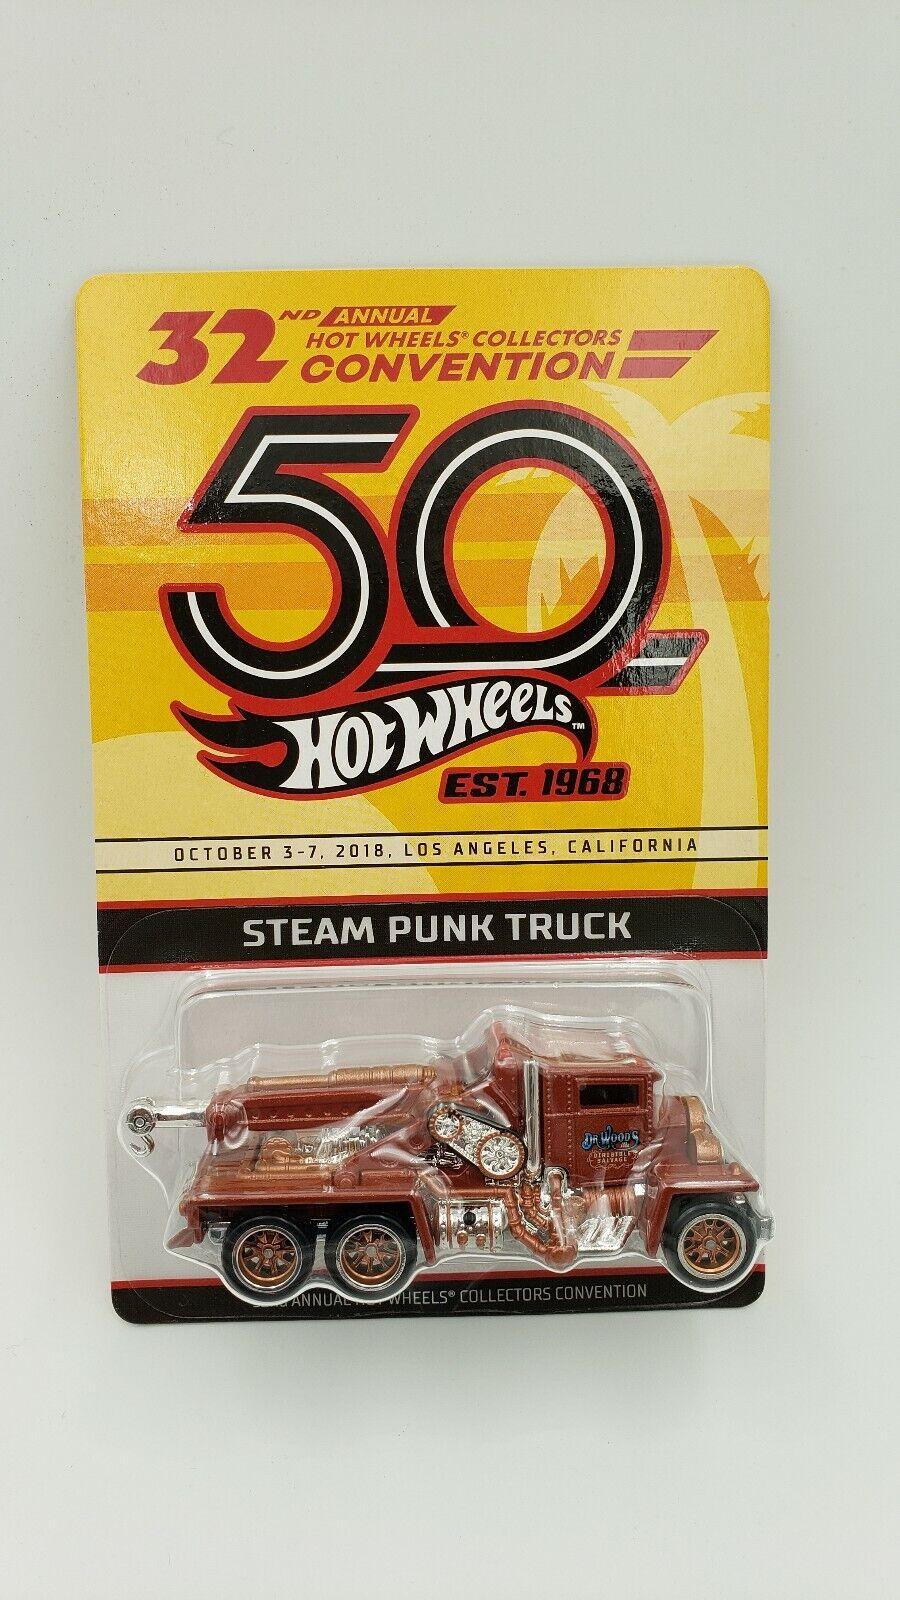 entrega rápida Hot Wheels 32nd cena anual de la Convención de coleccionista coleccionista coleccionista Vapor Punk Camión  Todos los productos obtienen hasta un 34% de descuento.